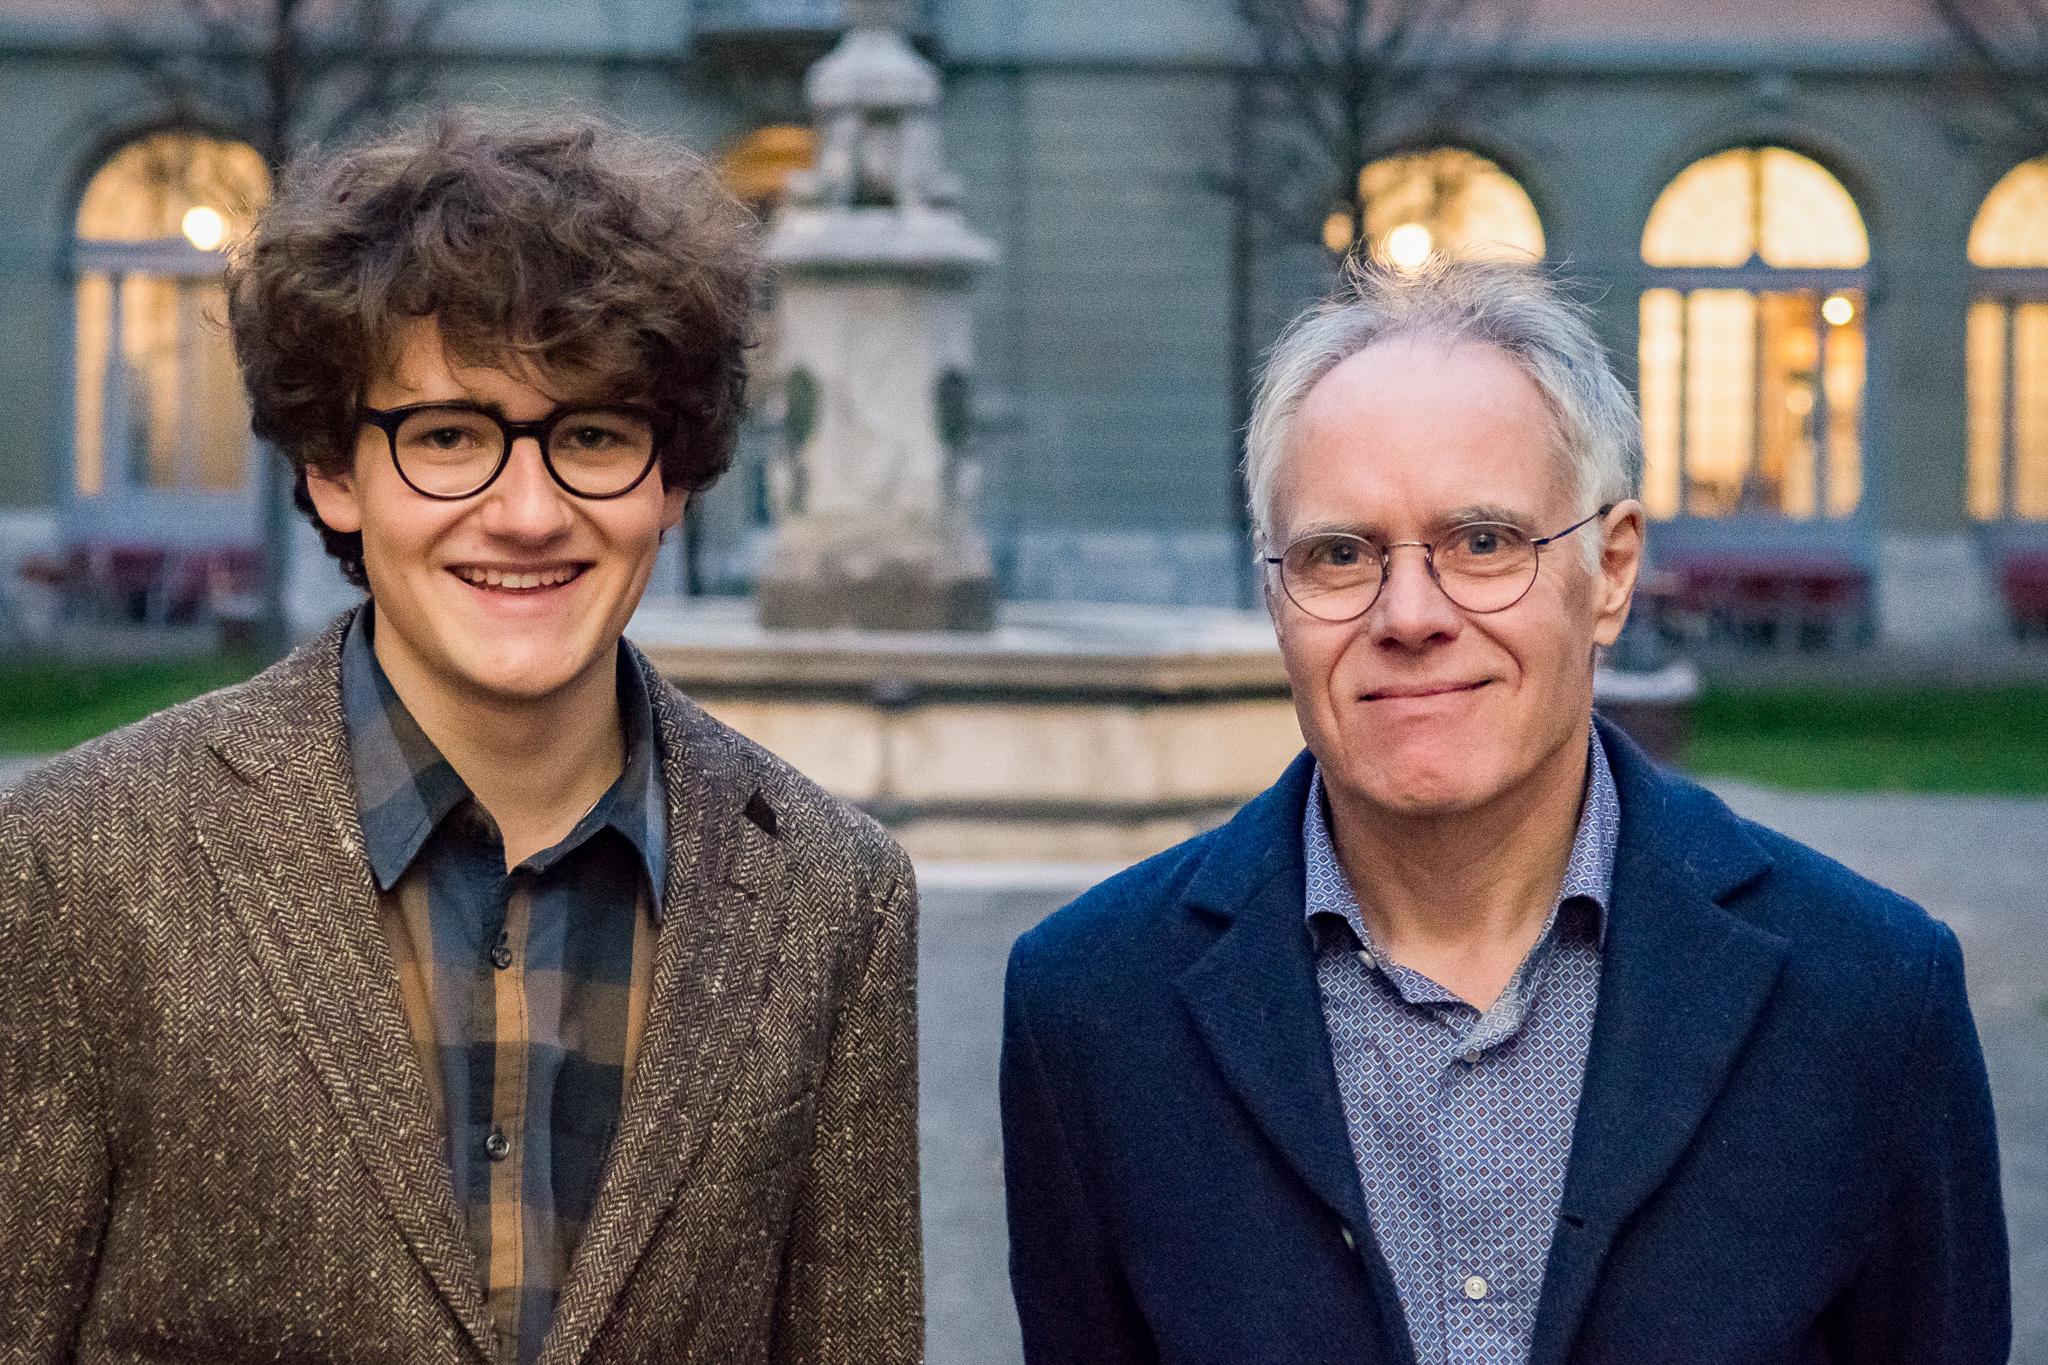 Frédéric Urech und Moritz Leuenberger waren im November im Generationentalk. – Bild: Manuel Meister